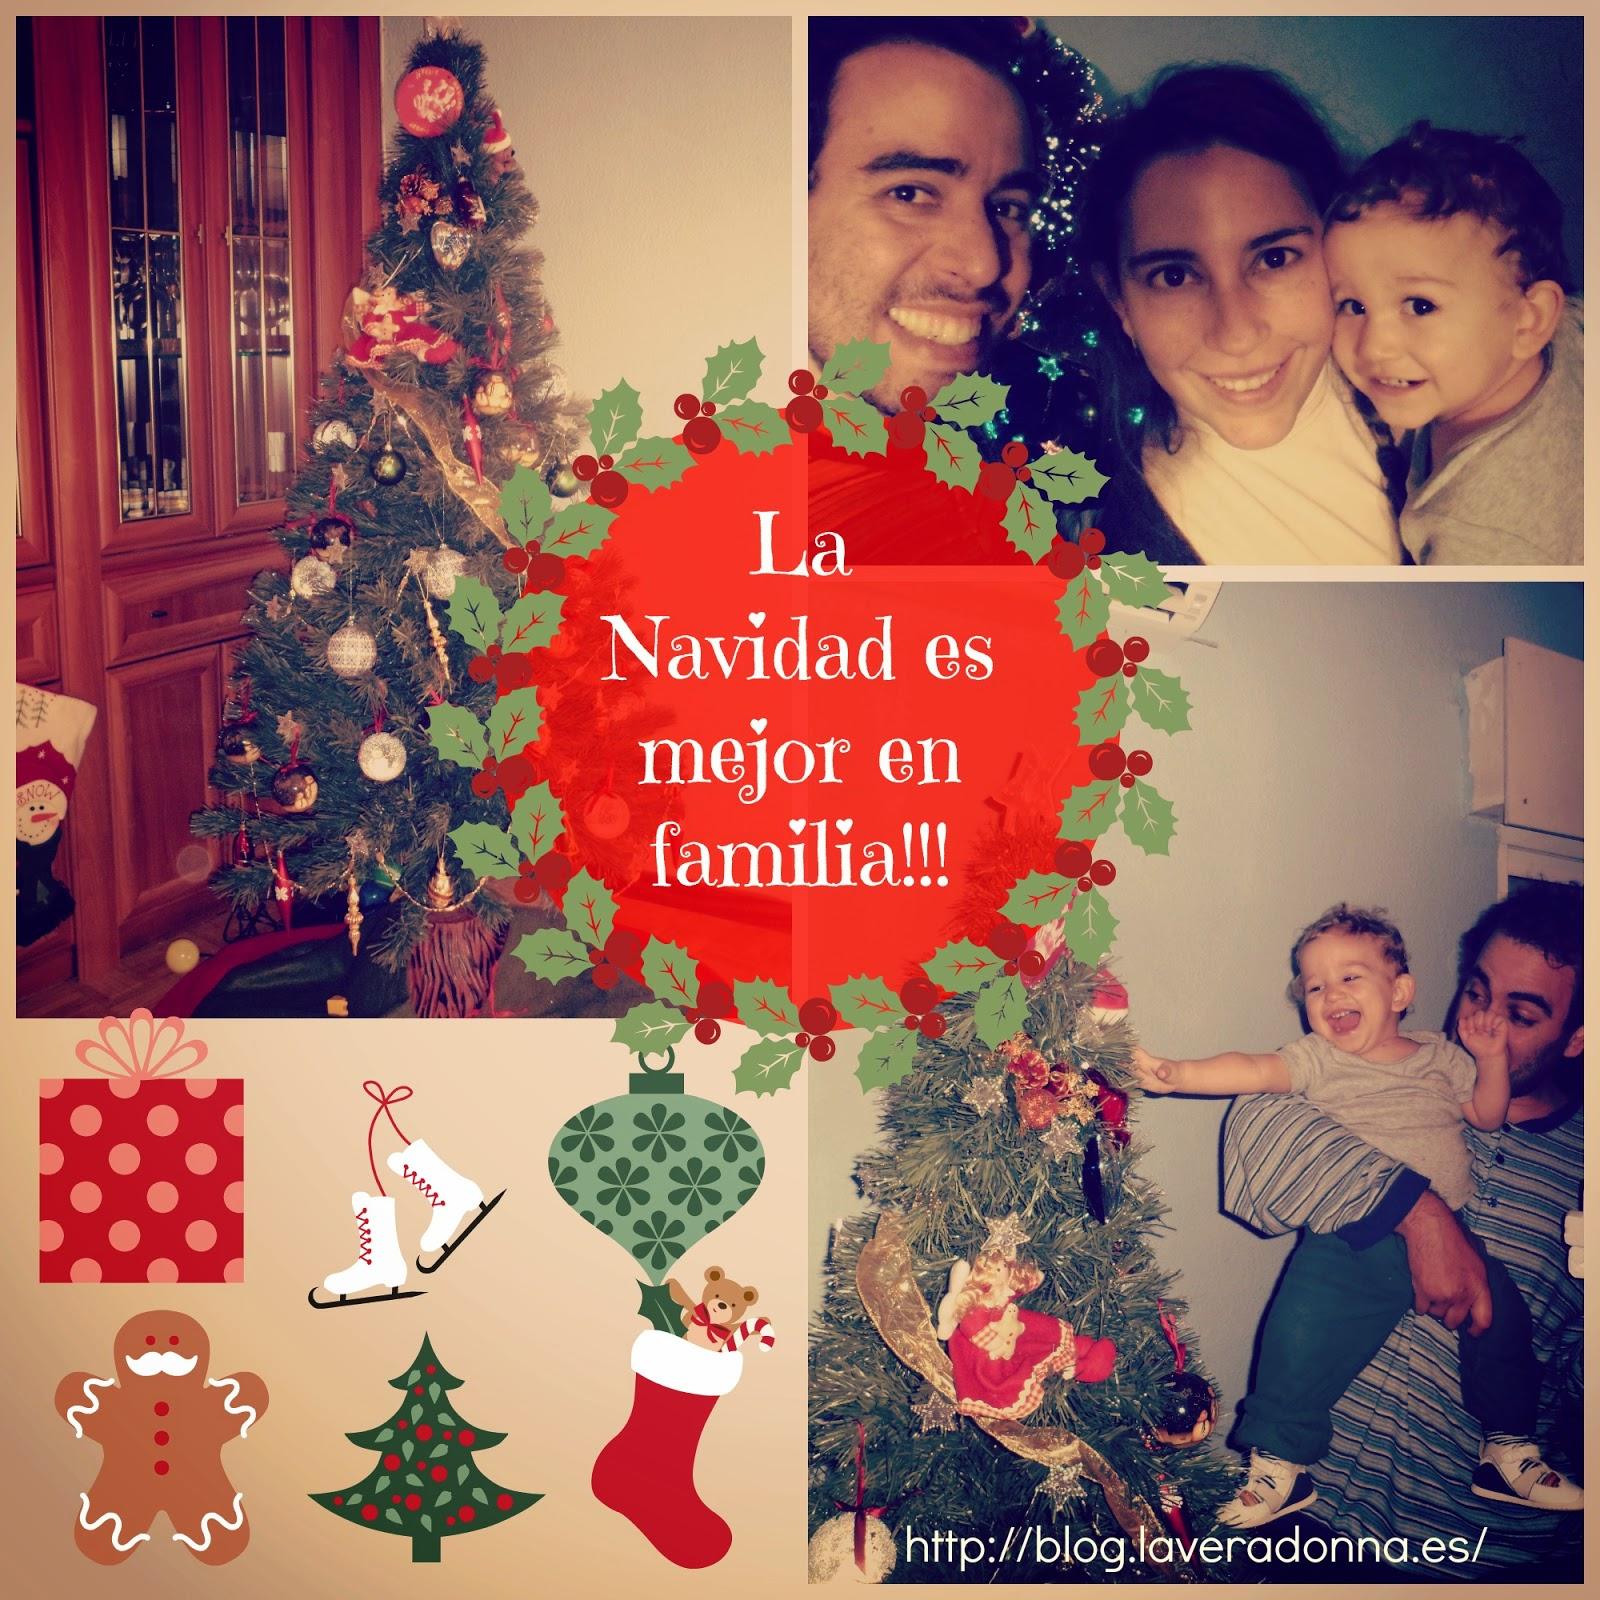 http://blog.laveradonna.es/